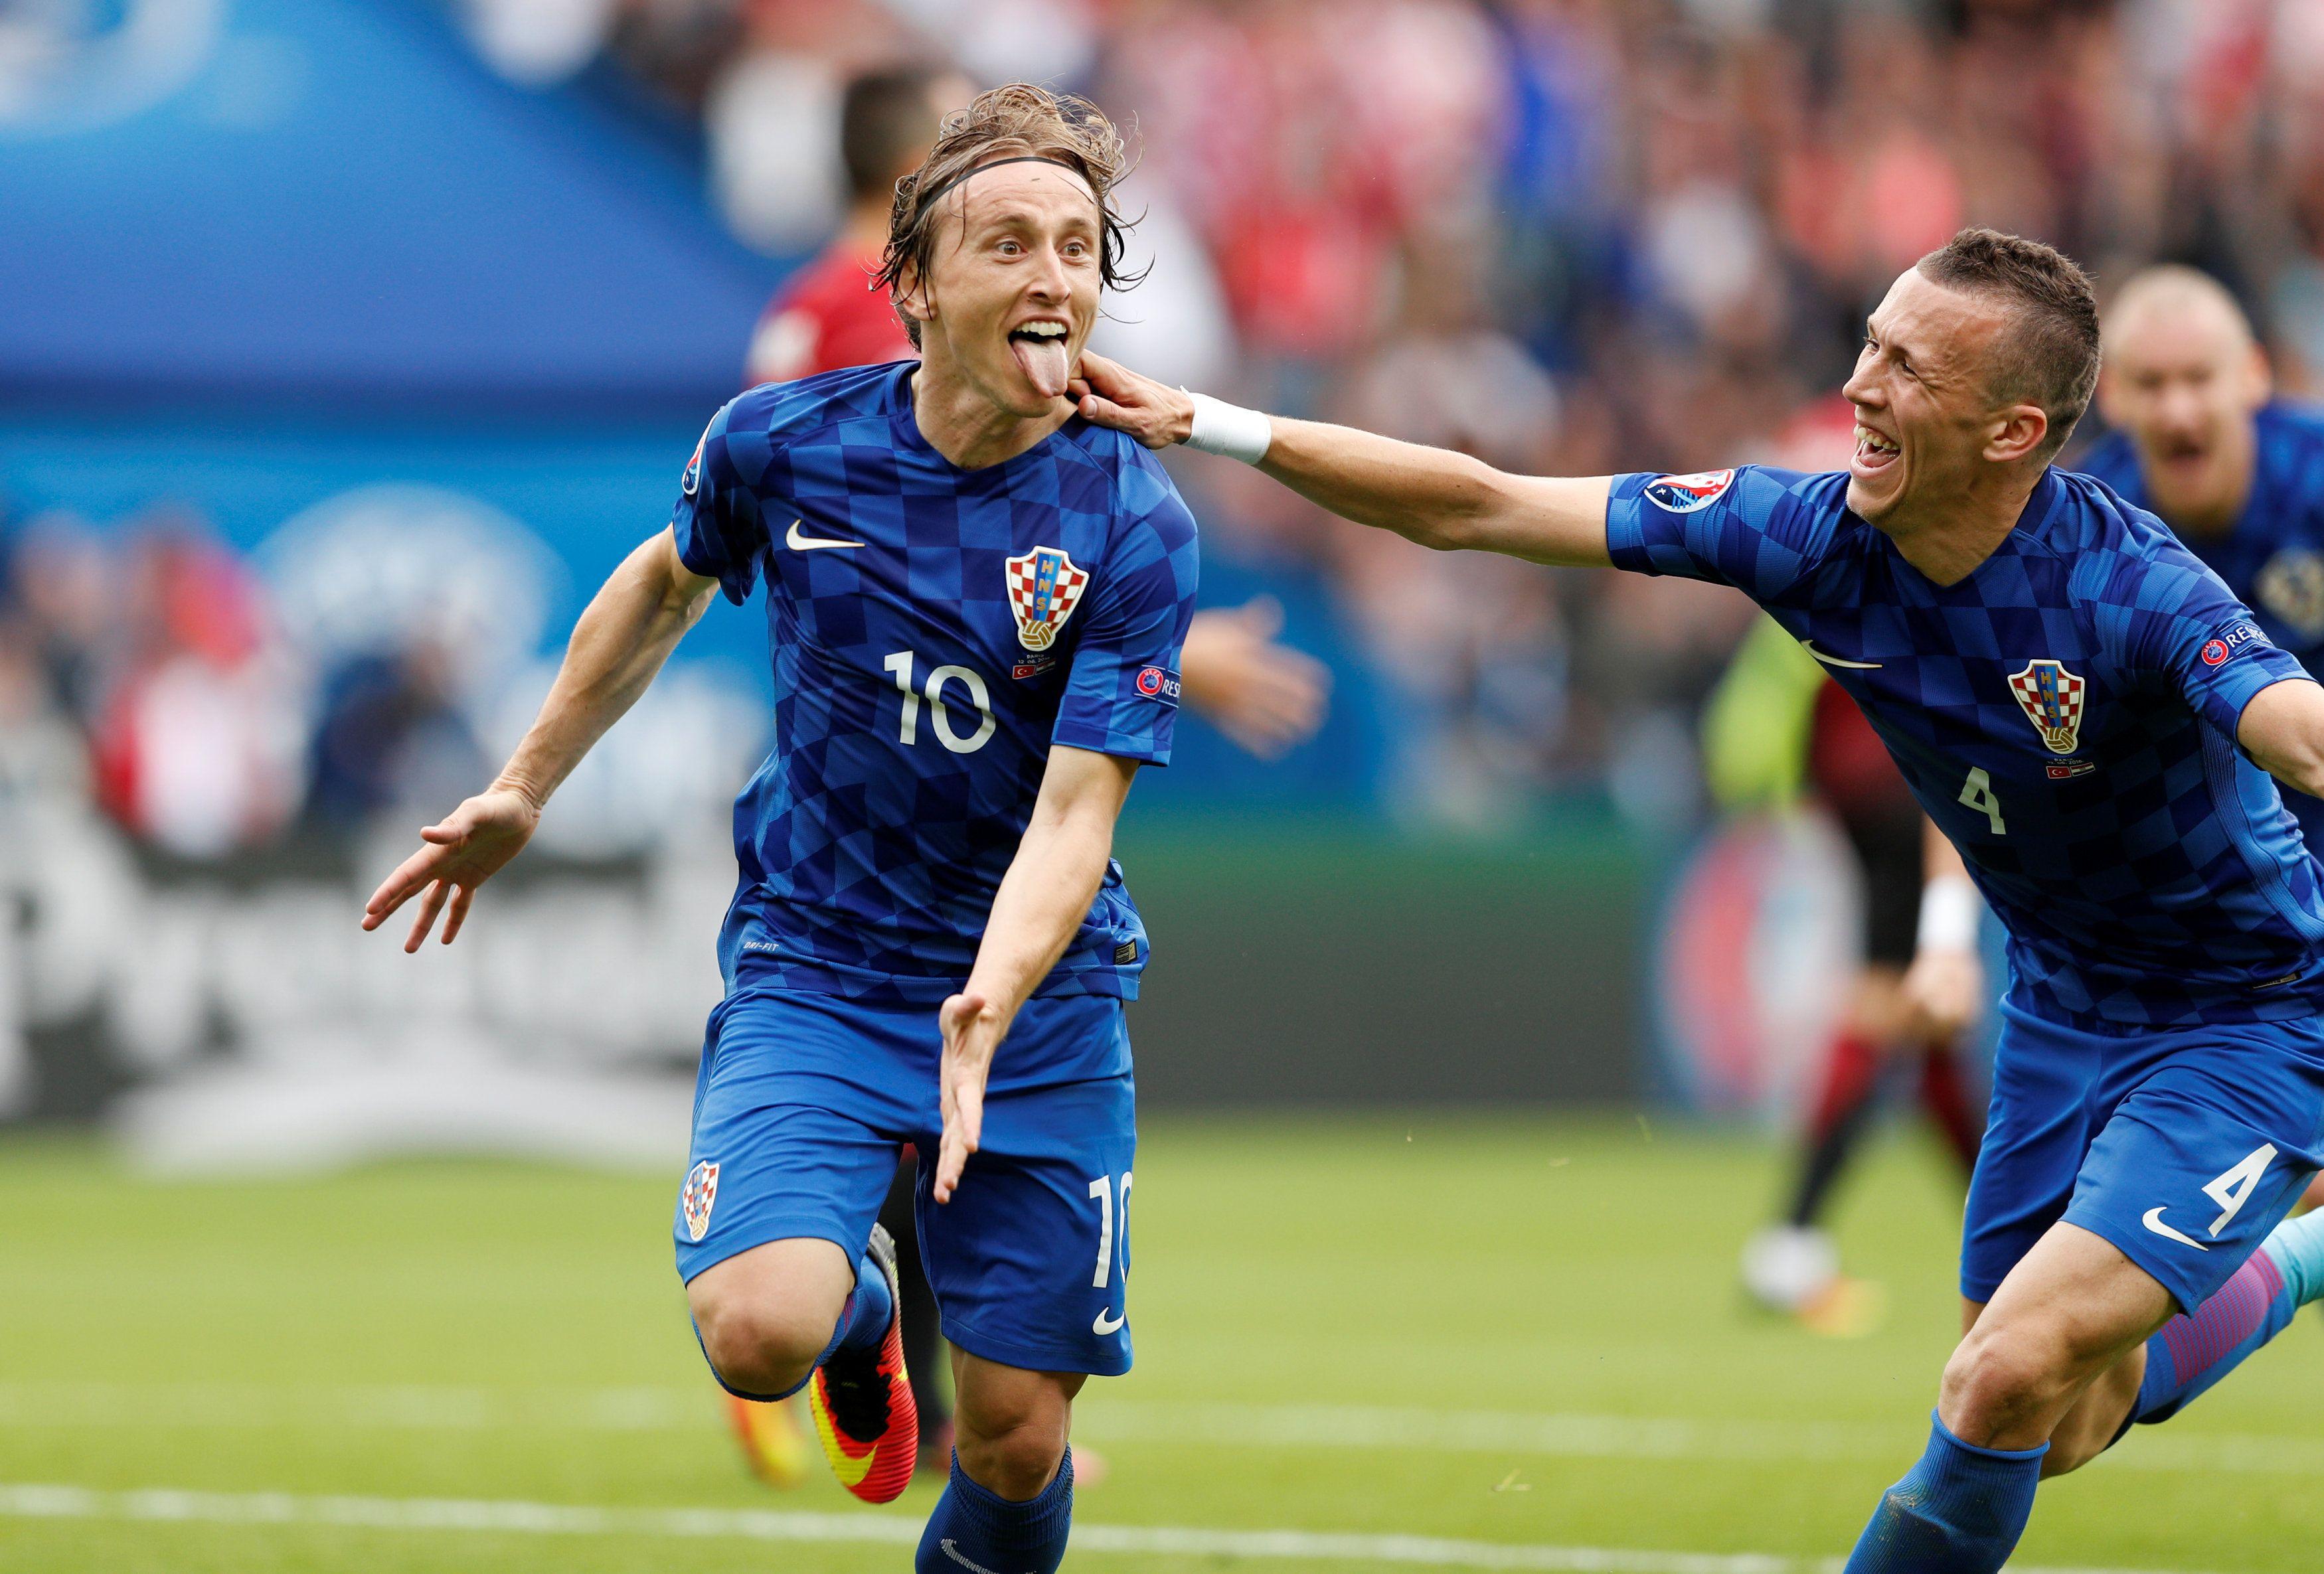 Кровь и слезы: сборная Хорватии победила турков, опубликованы фото и видео гола